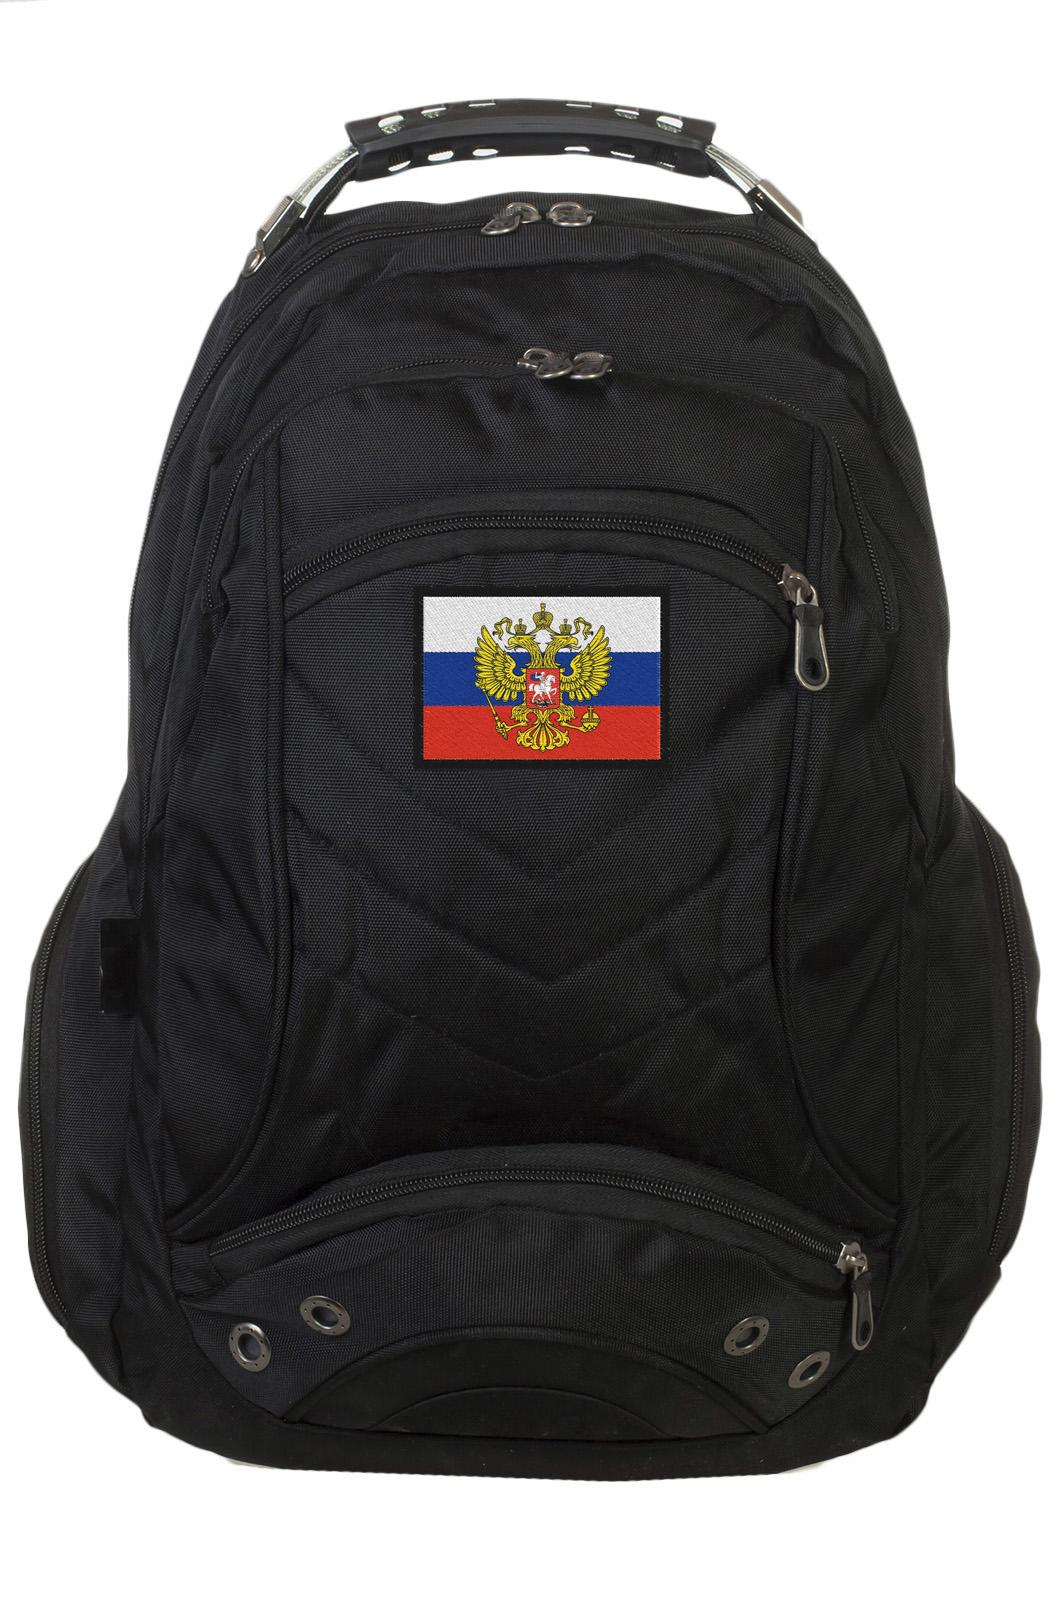 Удобный черный рюкзак с патриотичной нашивкой